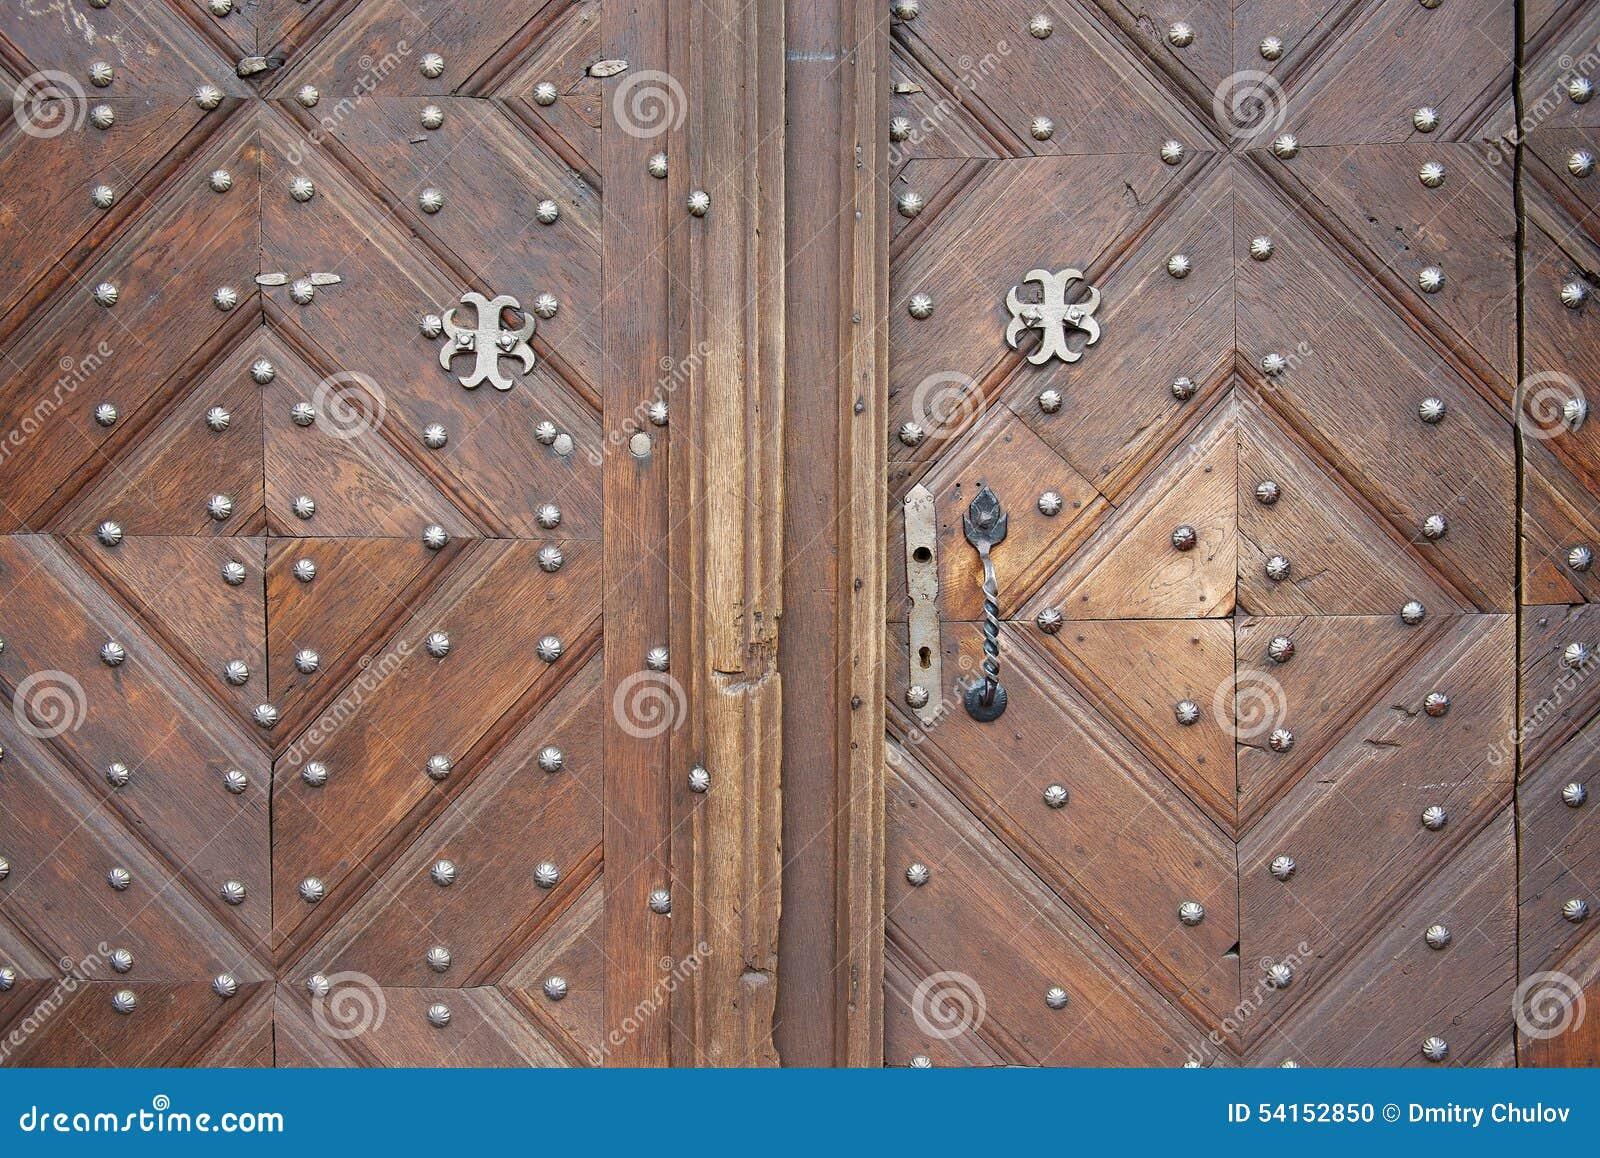 Ext rieur de la vieille porte en bois vilnius lithuanie photo stock imag - Vieille porte en bois ...